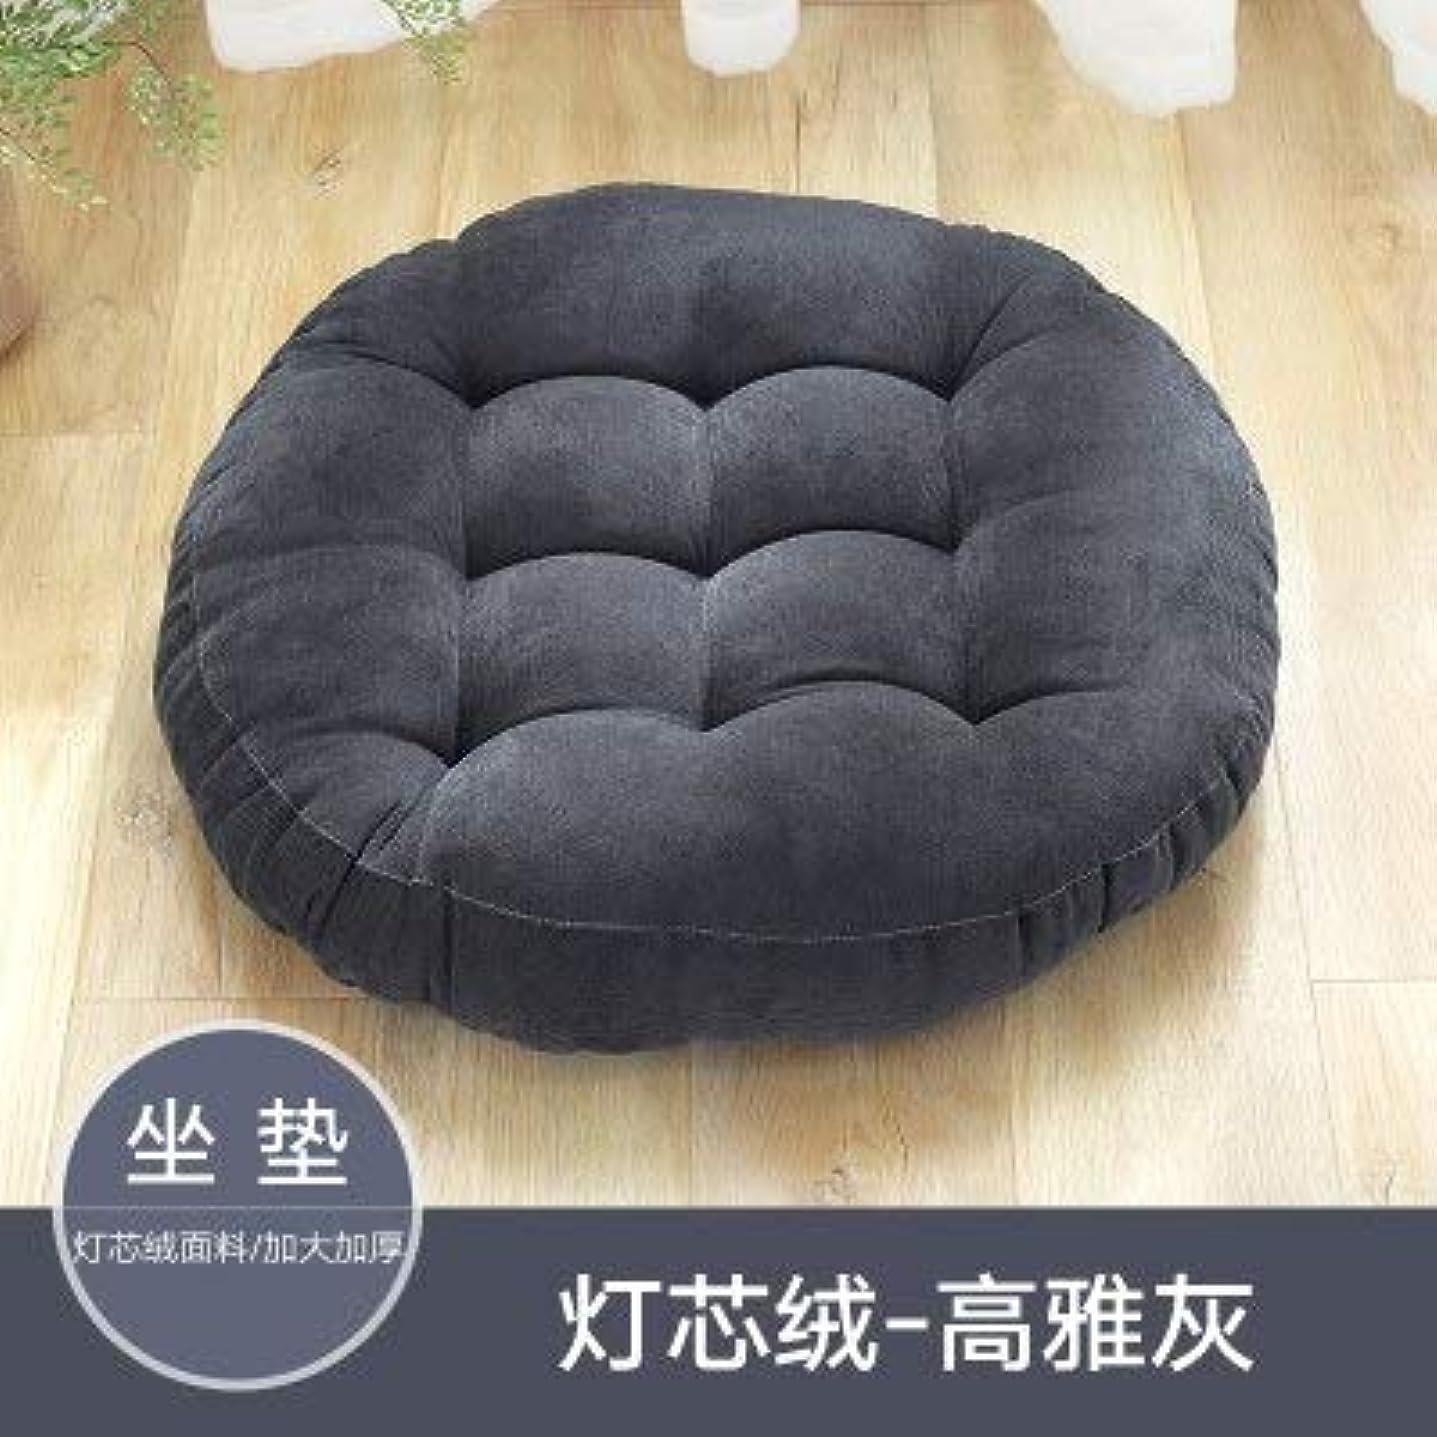 自我出くわす素晴らしきLIFE ラウンド厚い椅子のクッションフロアマットレスシートパッドソフトホームオフィスチェアクッションマットソフトスロー枕最高品質の床クッション クッション 椅子